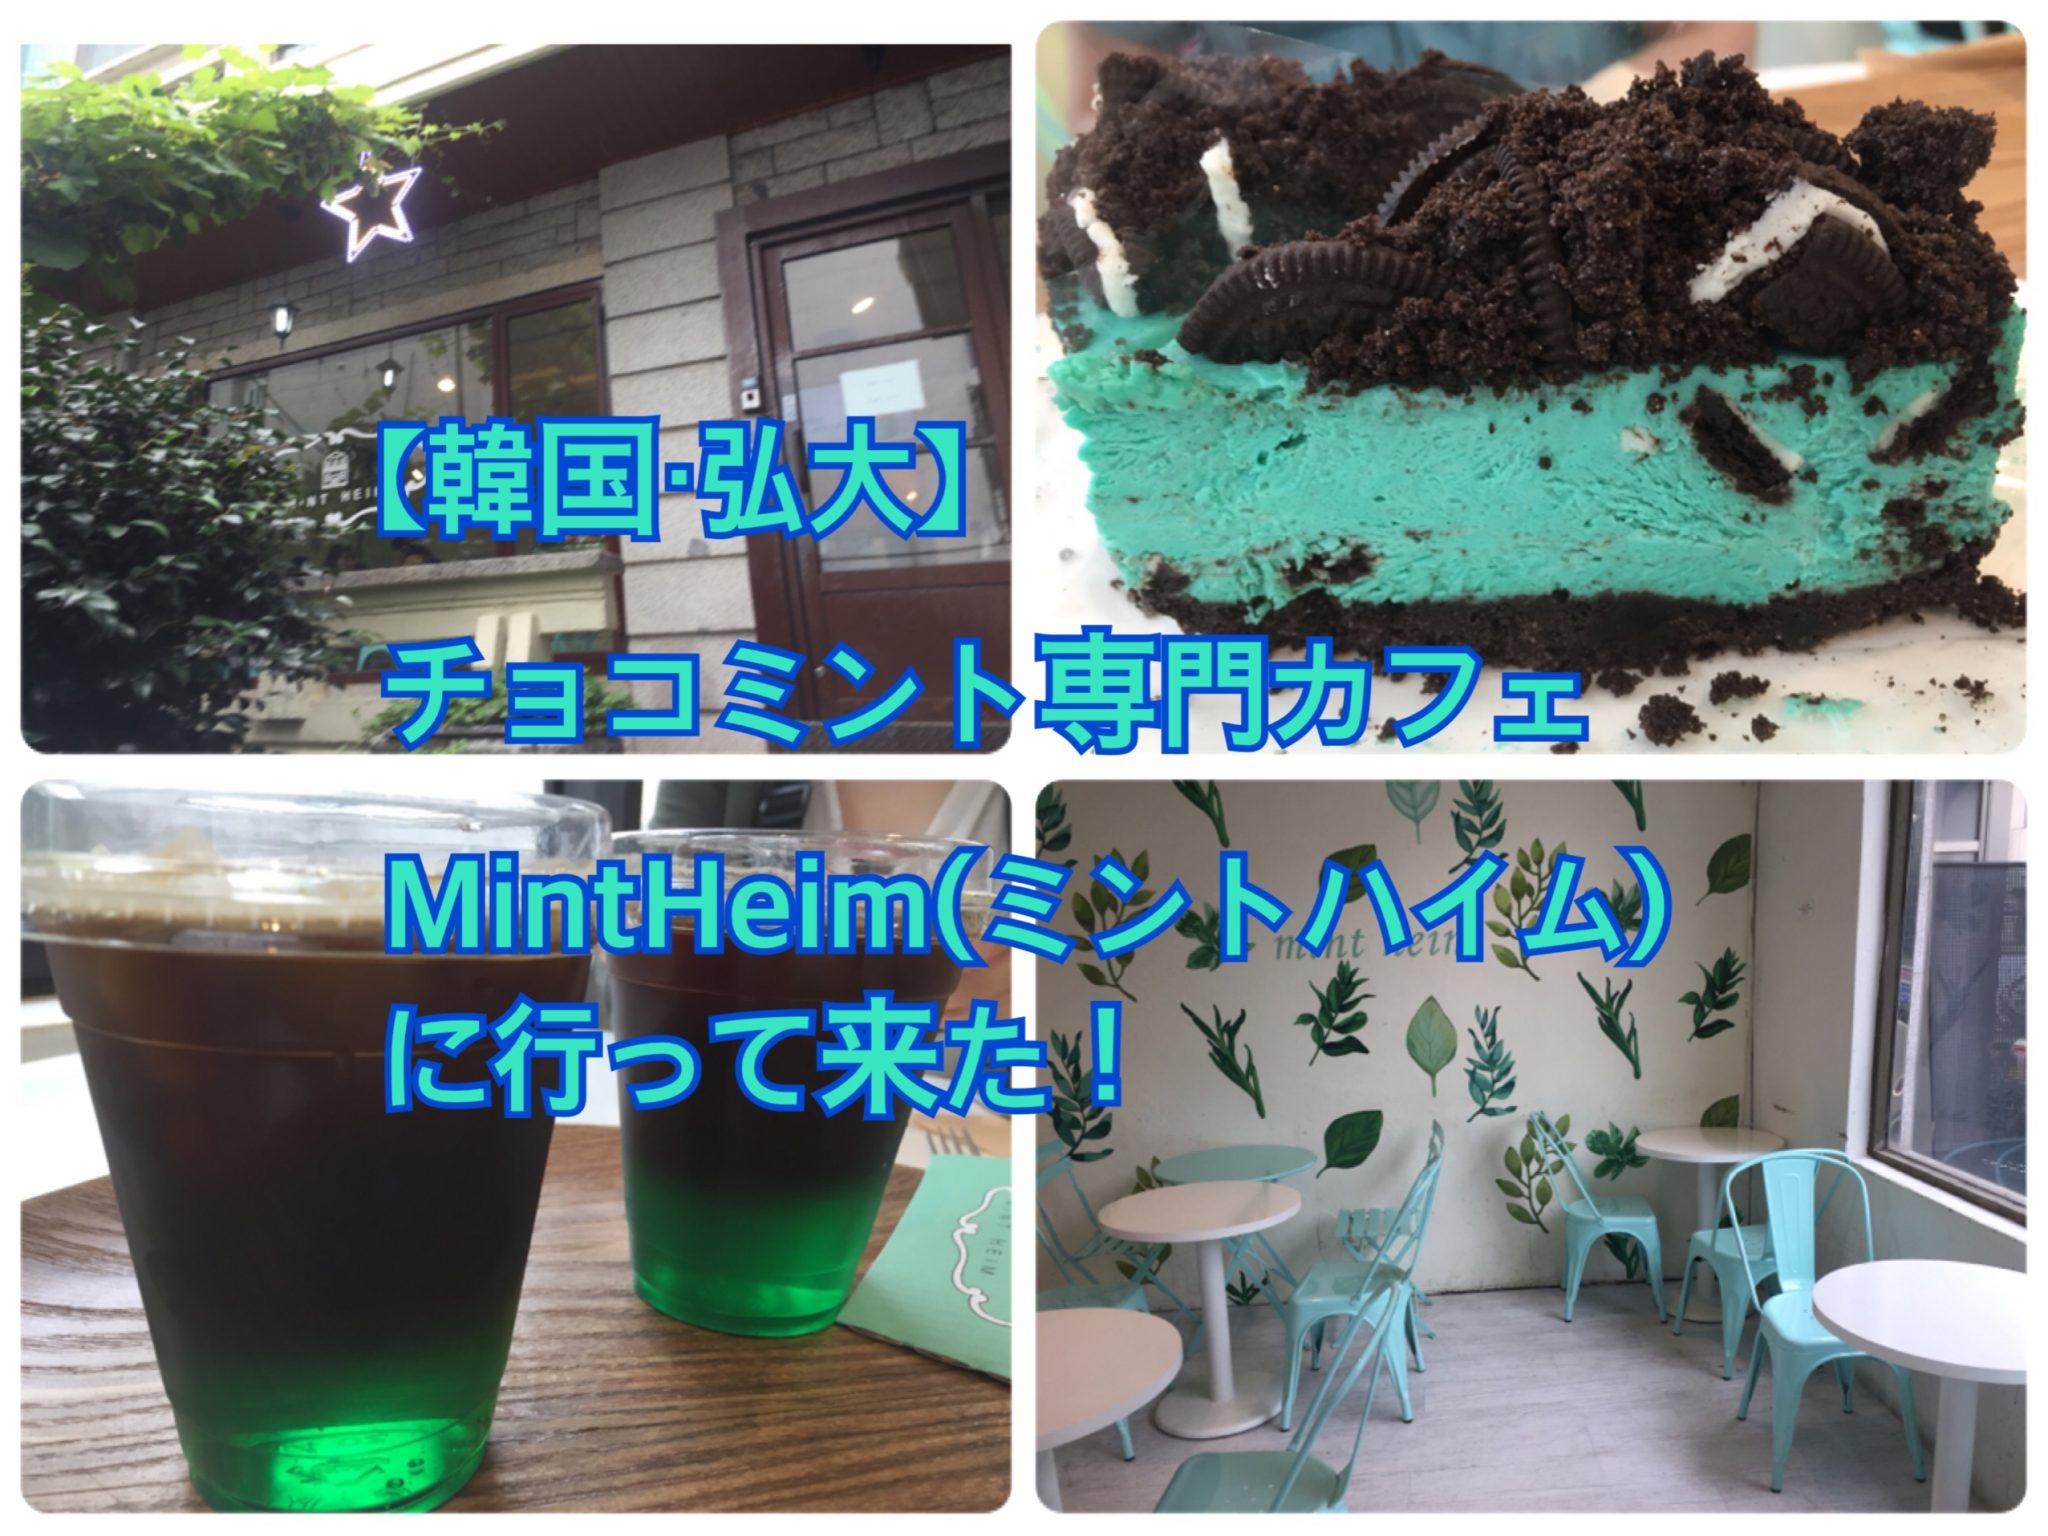 【韓国カフェ】インスタ映え100点満点! 弘大にある、ミントカフェ【ミントハイム】に行ってきた!